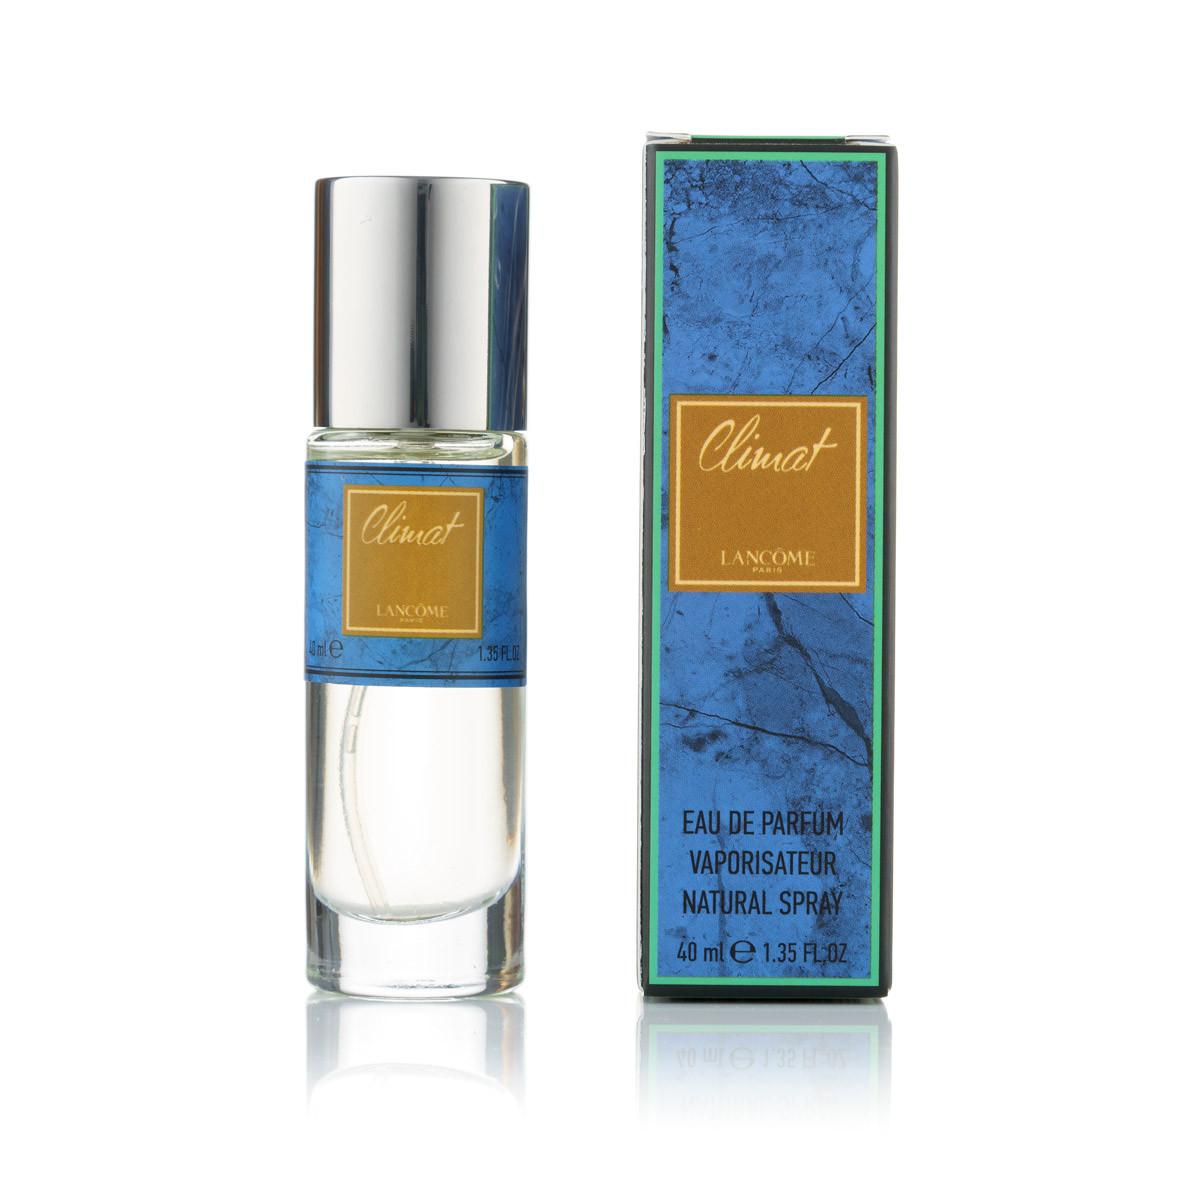 Женский мини парфюм Lancome Climat 40 Ml